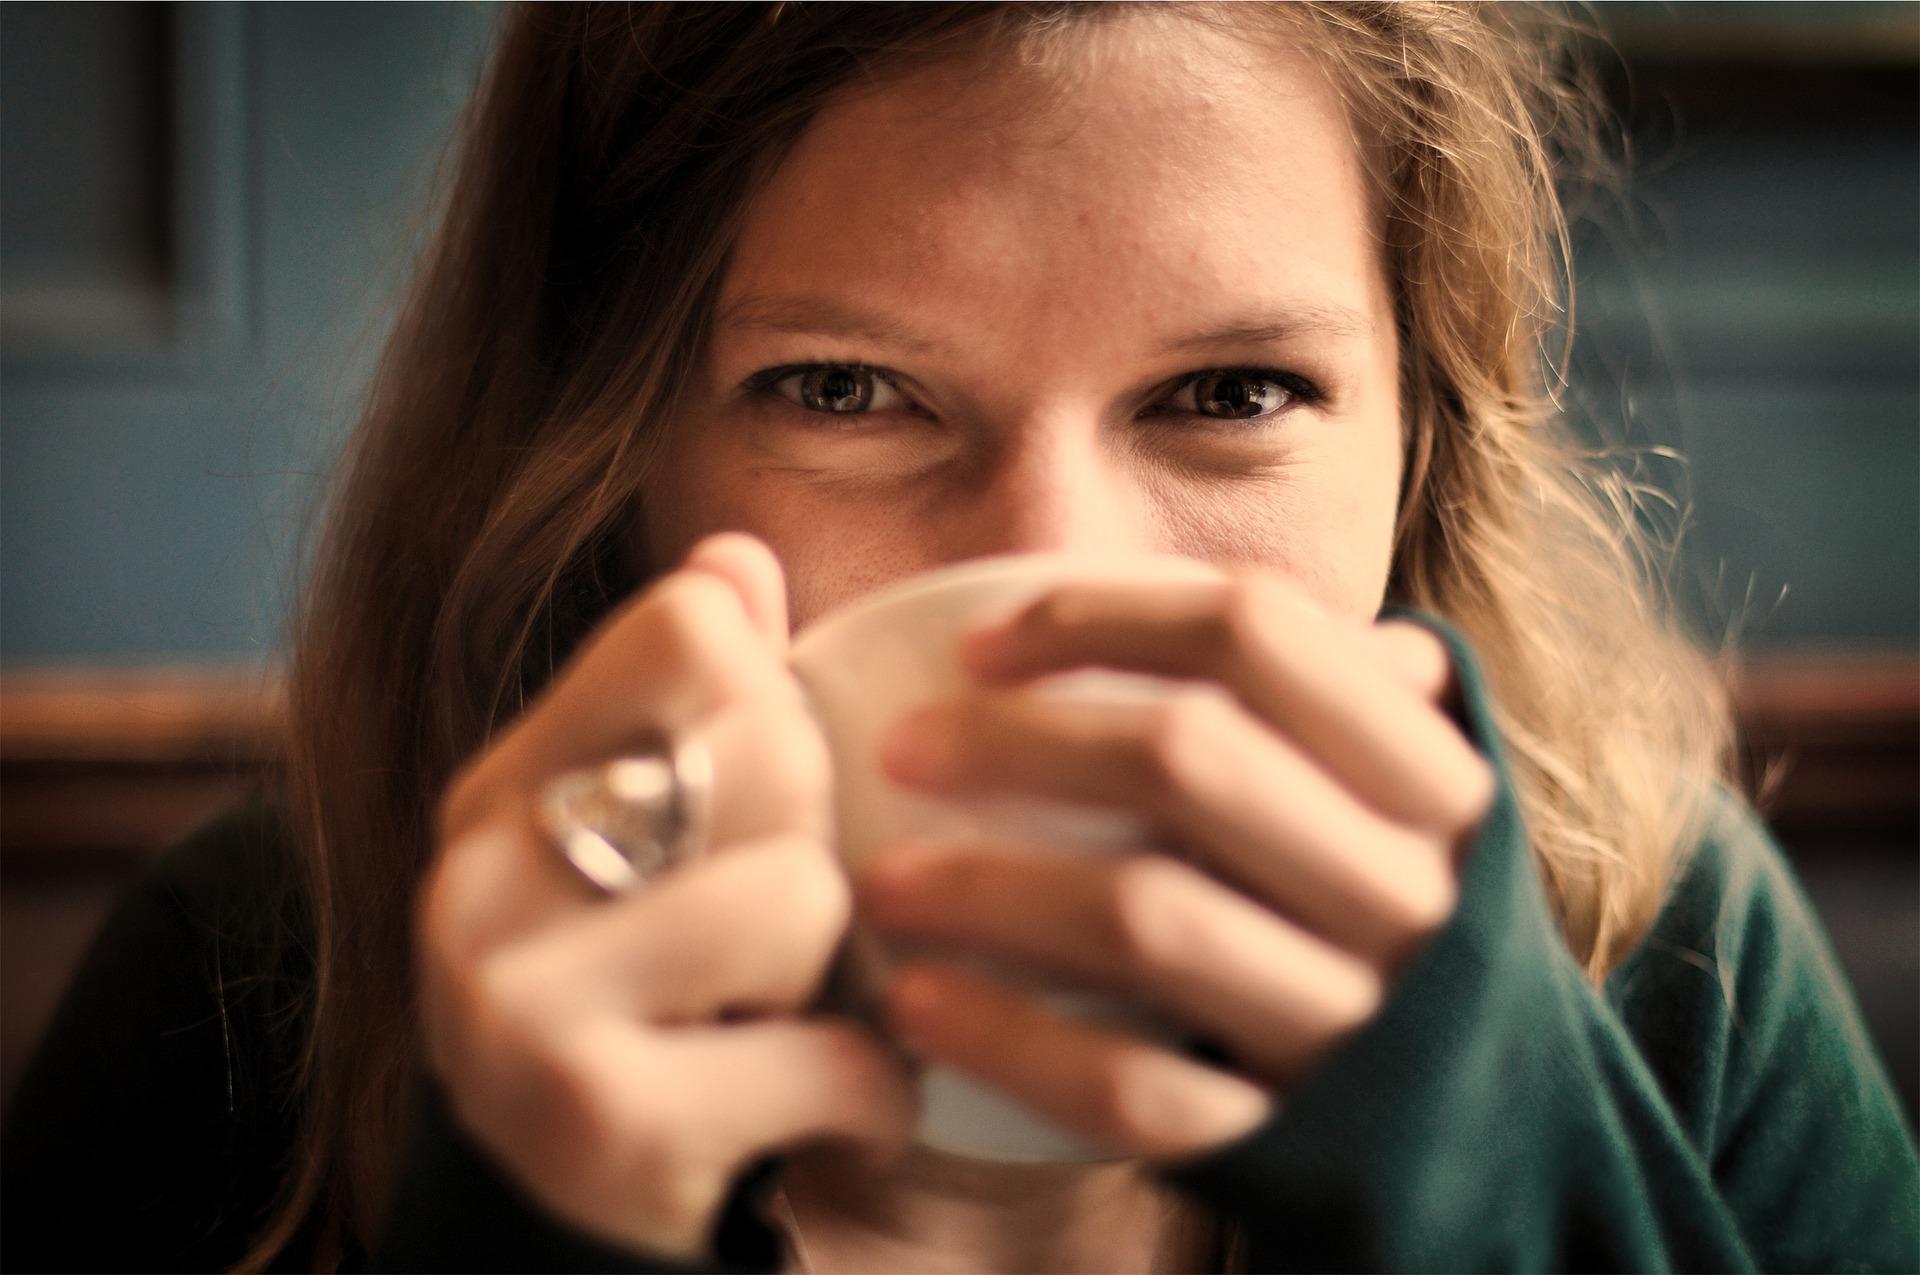 kahve içmekten bile kısa sürede mutluluğu yakalamak